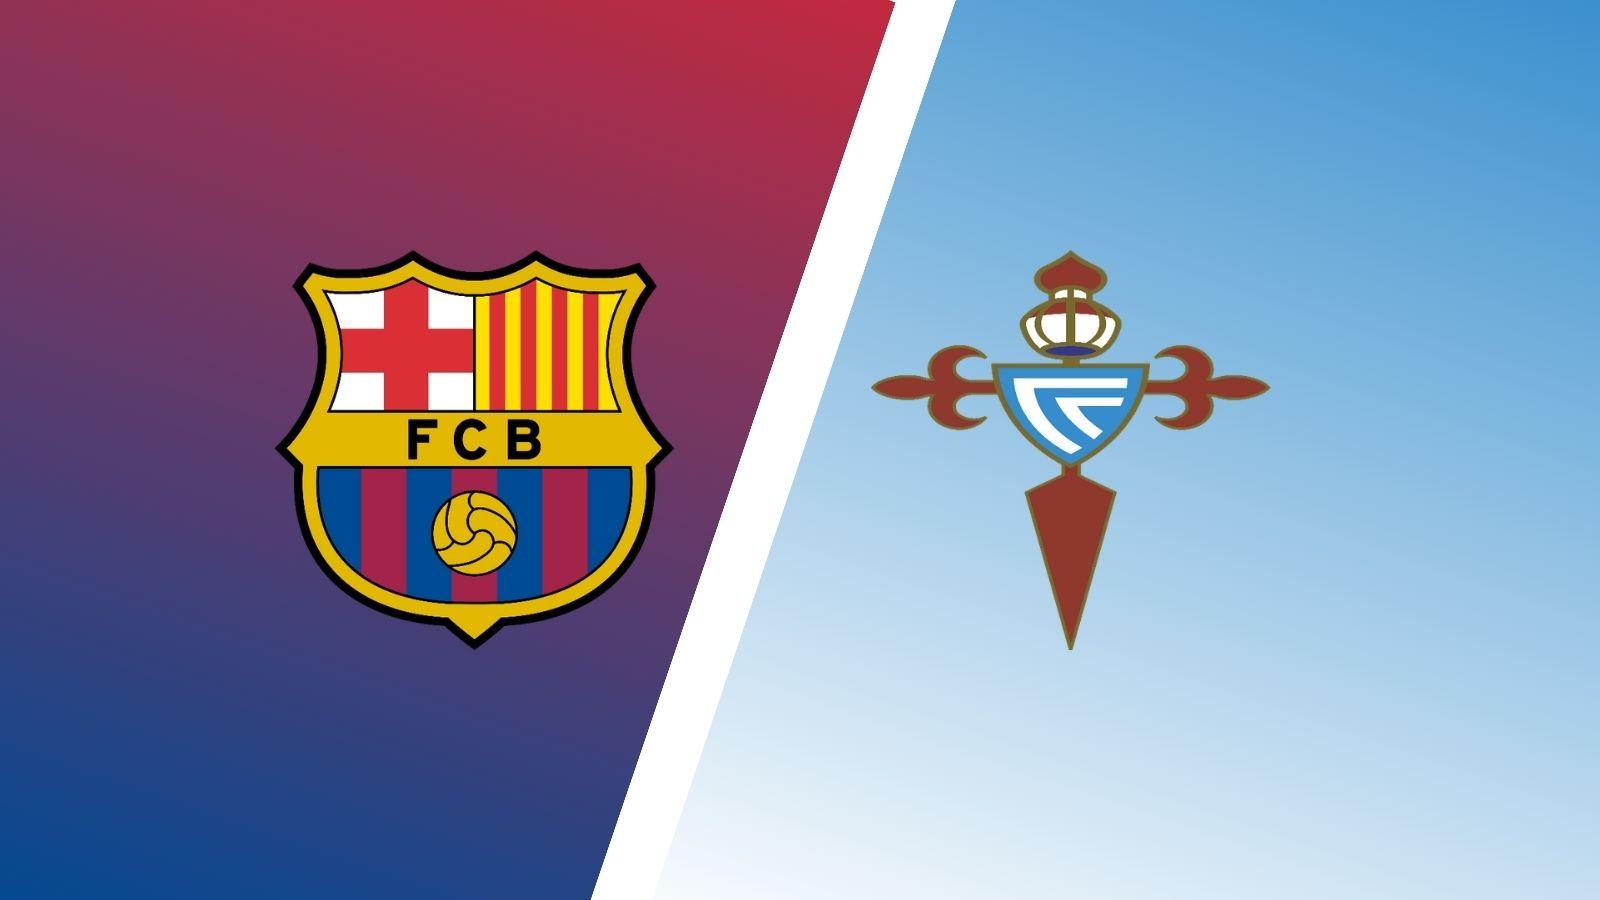 دليلك الشامل لمباراة برشلونة ضد سيلتا فيجو في الأسبوع 37 من الدوري الإسباني